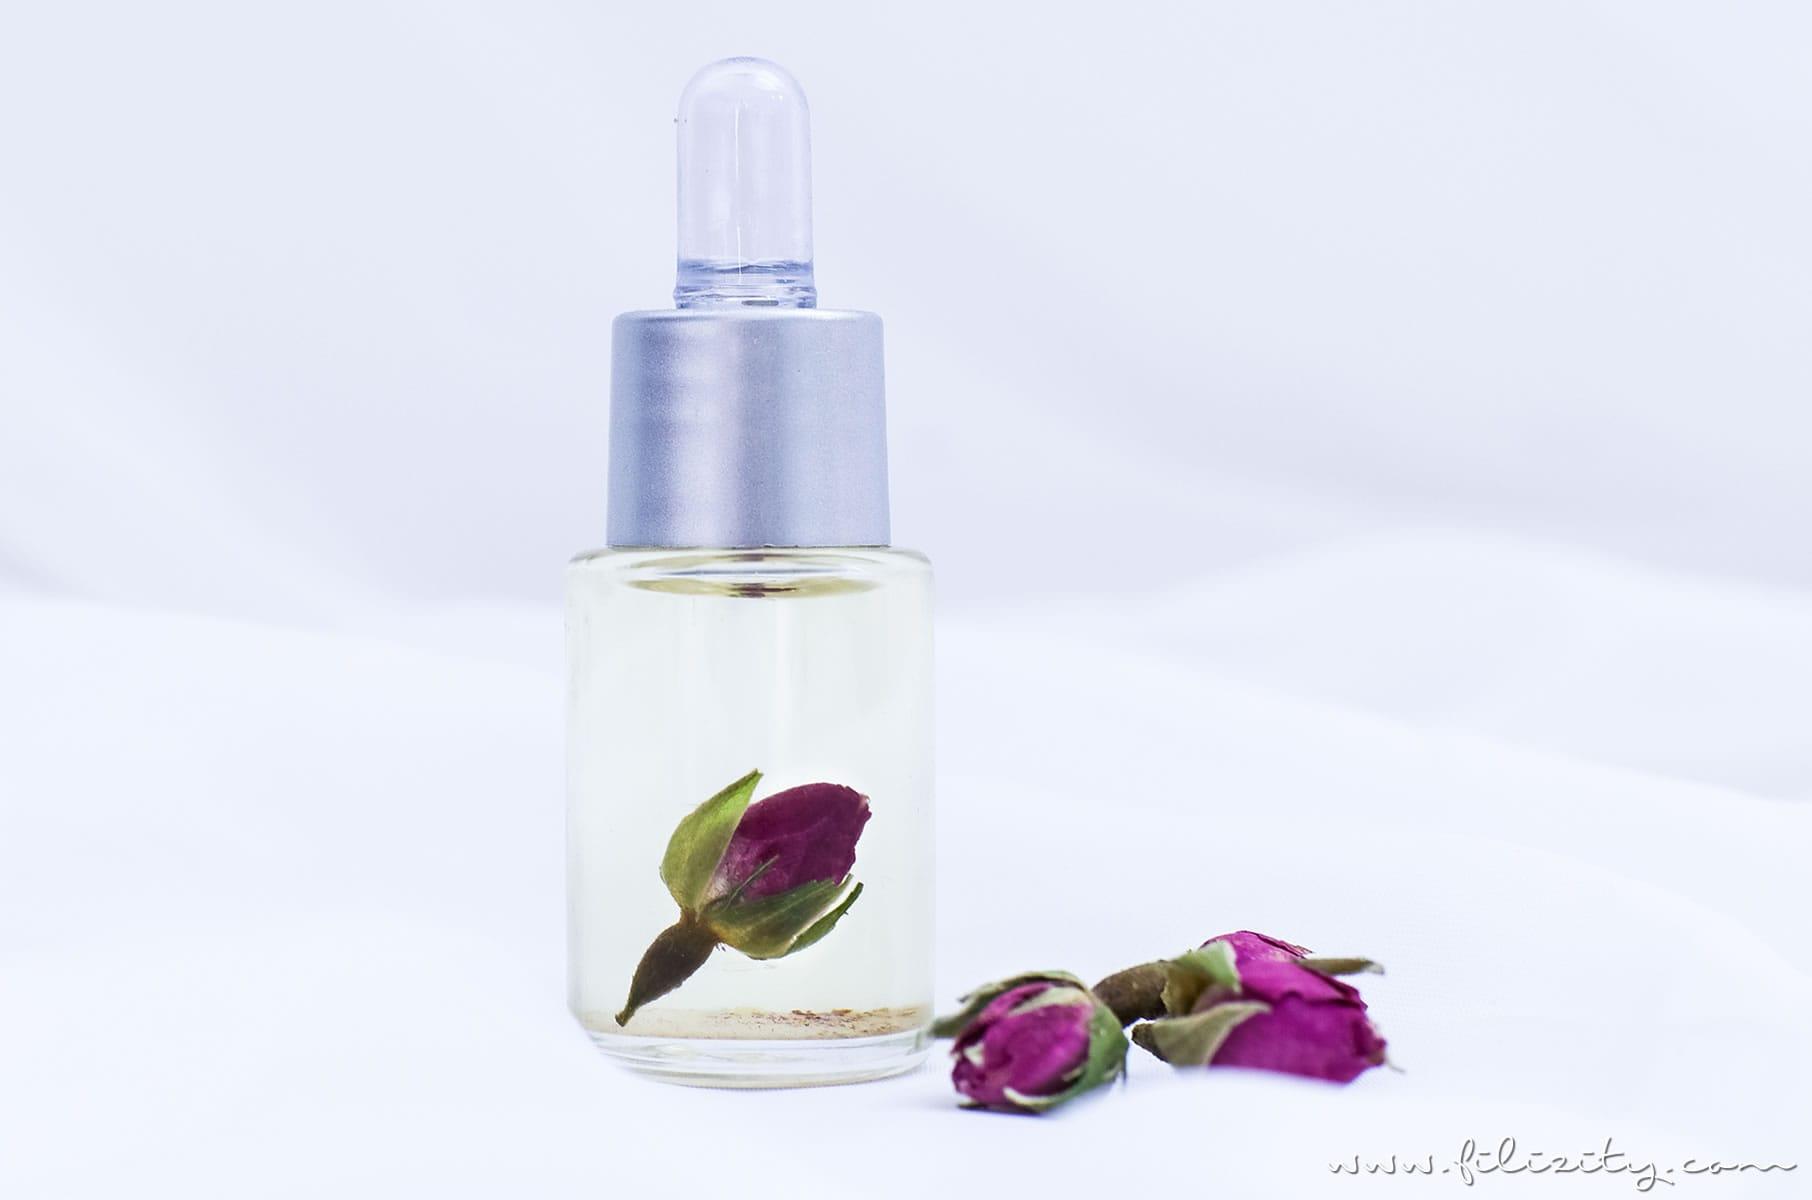 Rosenöl selber machen  – DIY Hautpflege & Geschenkidee für Valentinstag